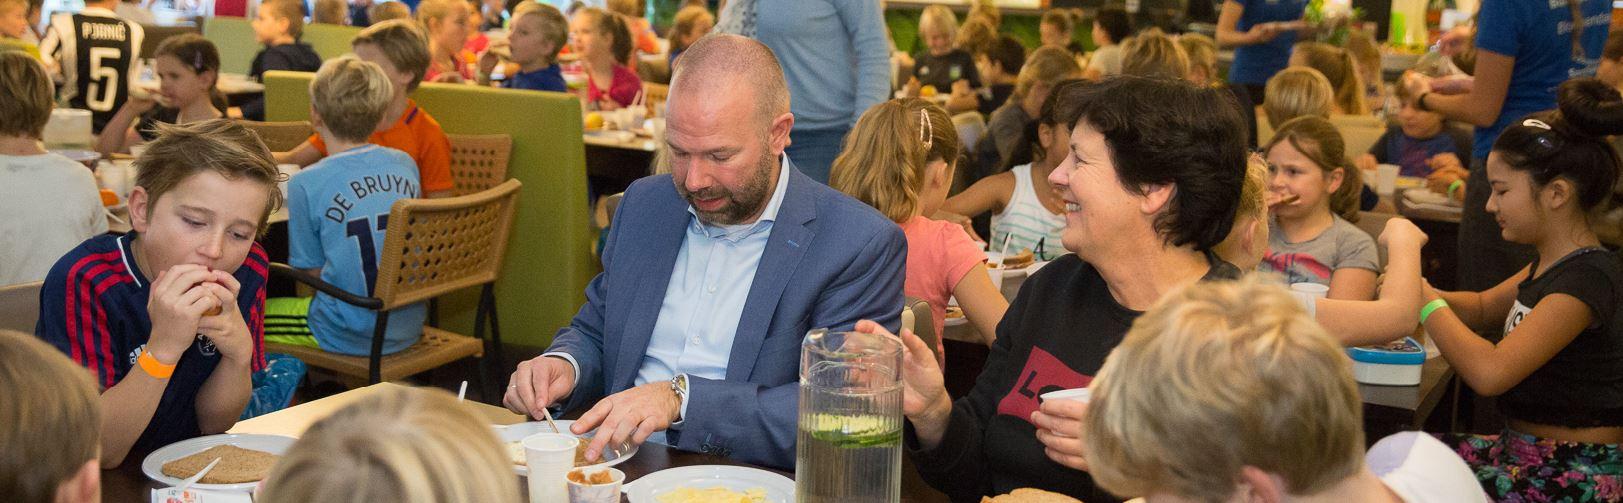 Ruim 200 kinderen bij Sportontbijt in Heemstede